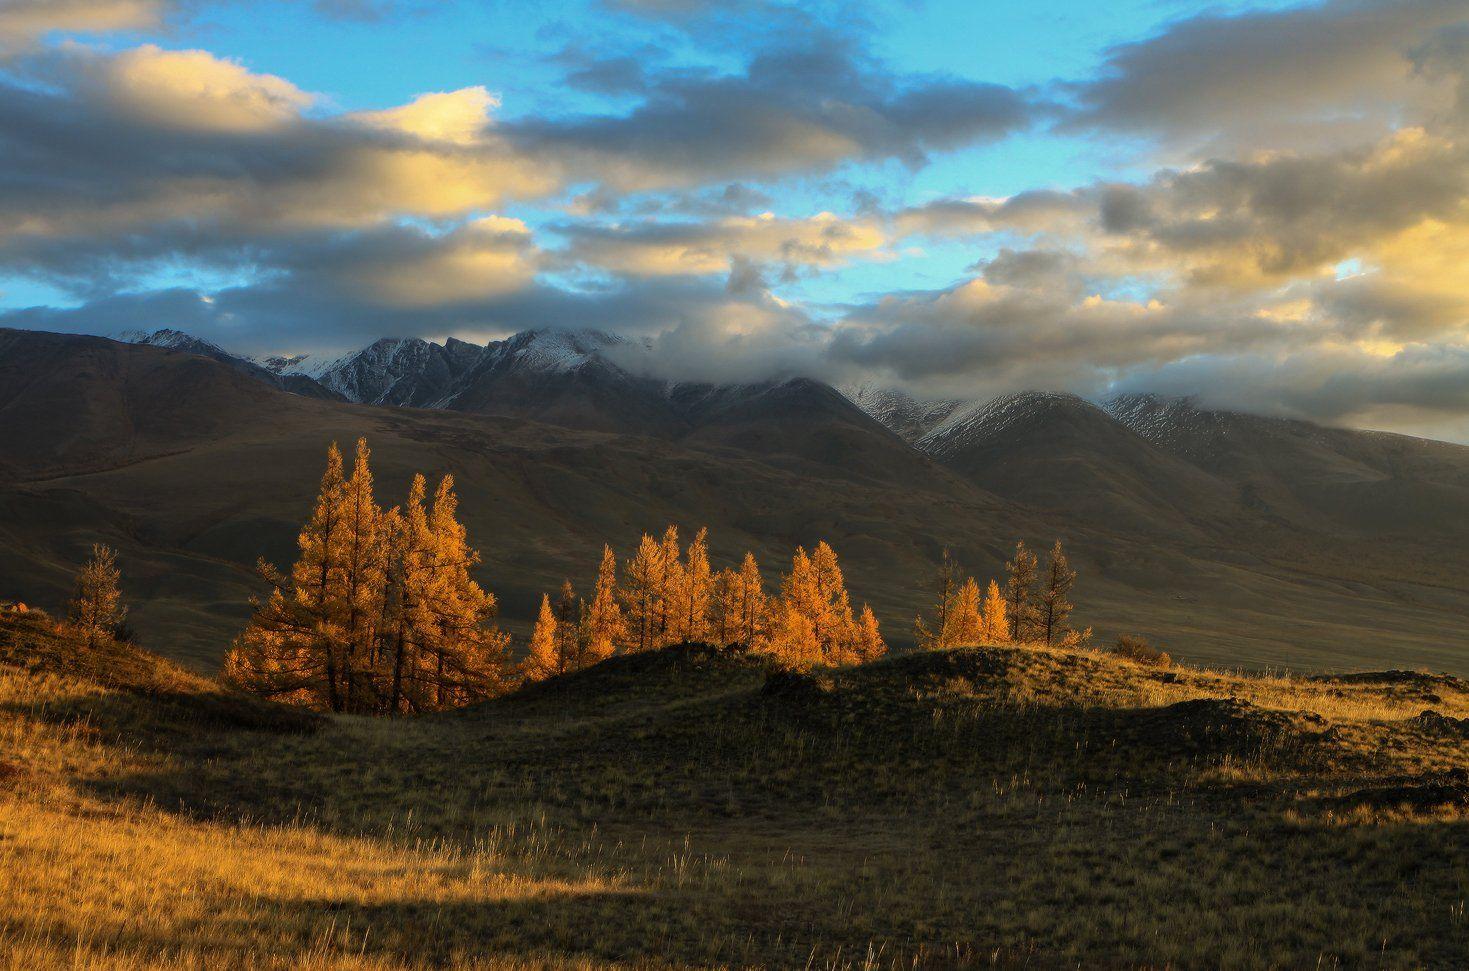 сибирь, алтай, горный алтай, курай, осень, курайский хребет, природа, пейзаж, горы, Галина Хвостенко